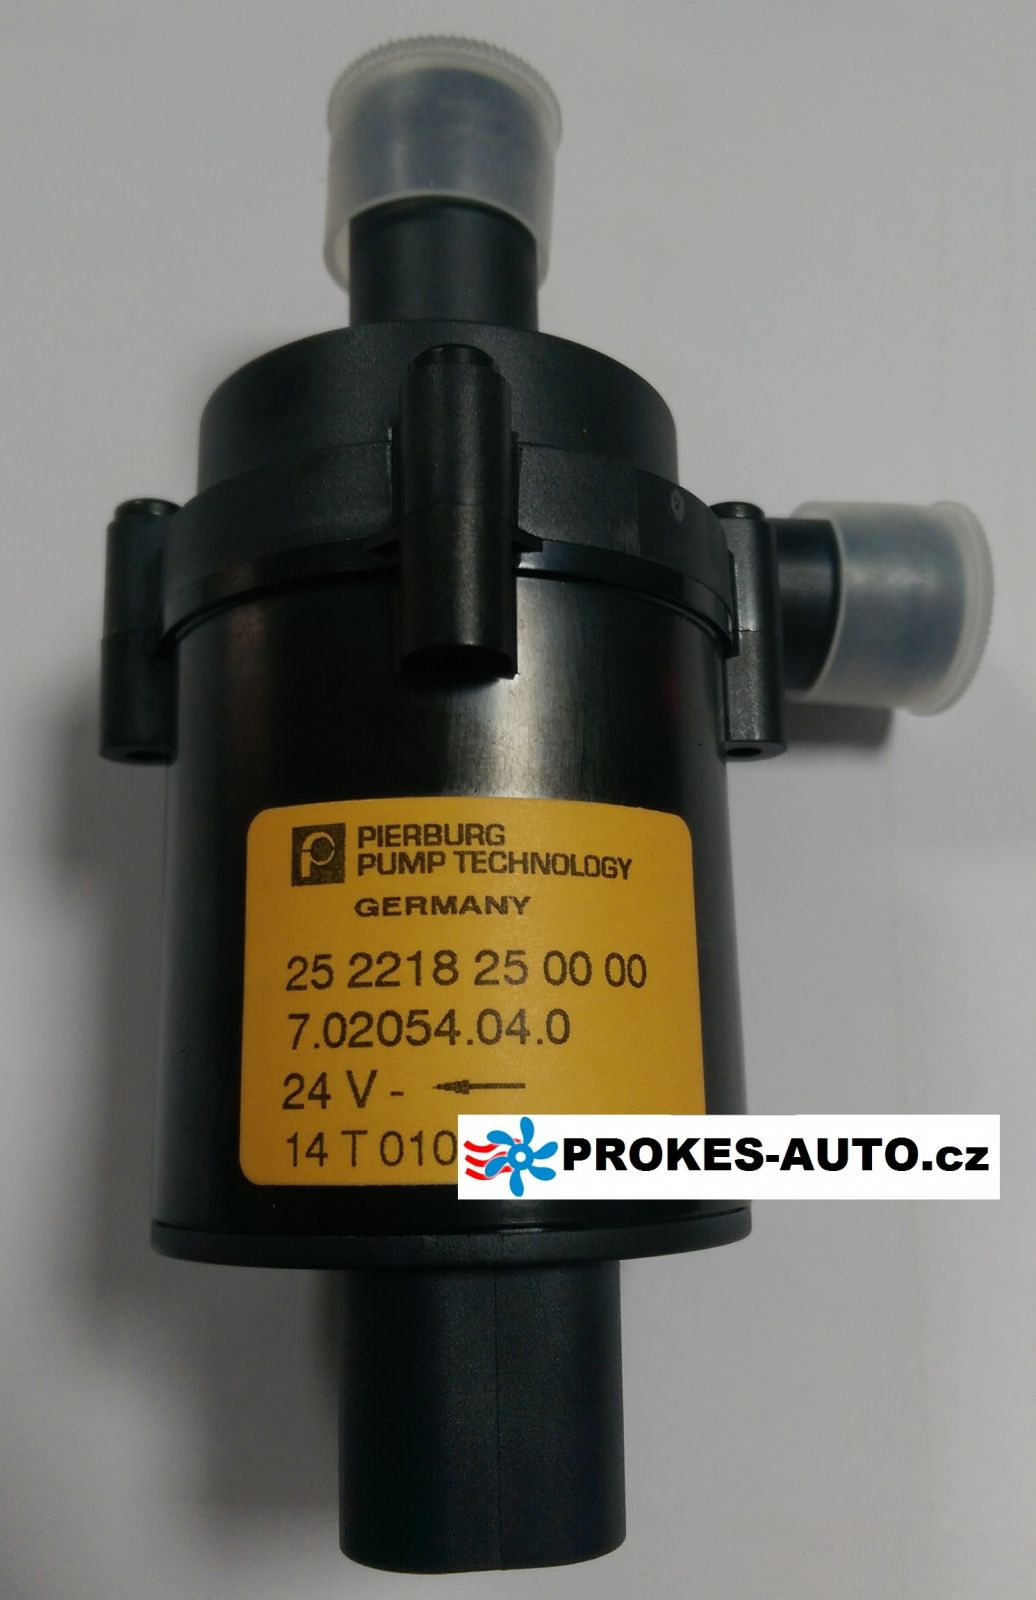 Wasserpumpe Flowtronic 800 S 24V 252218250000 / 7.02054.04.0 Eberspächer